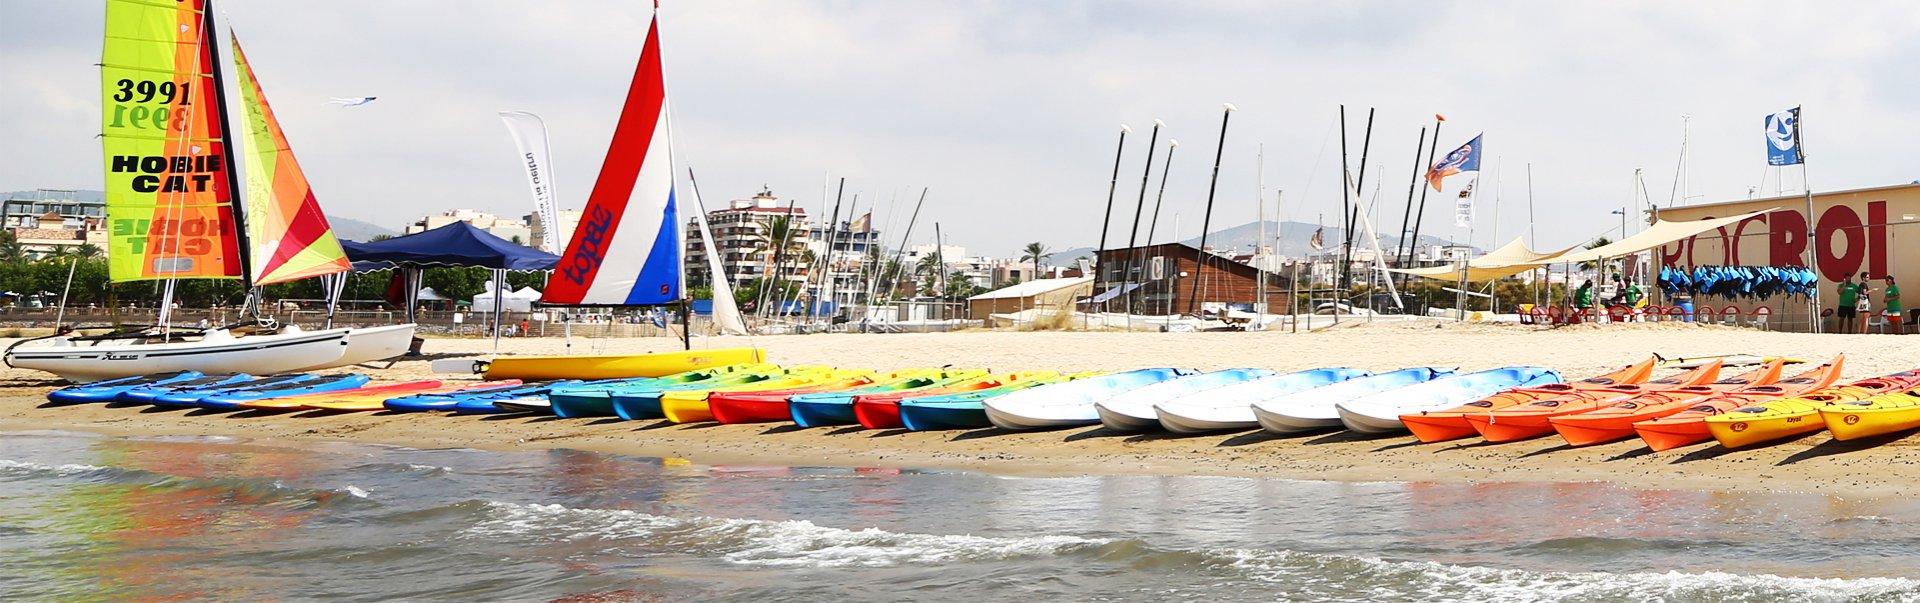 Temporada Vilanova Vela, Windsurf 2016